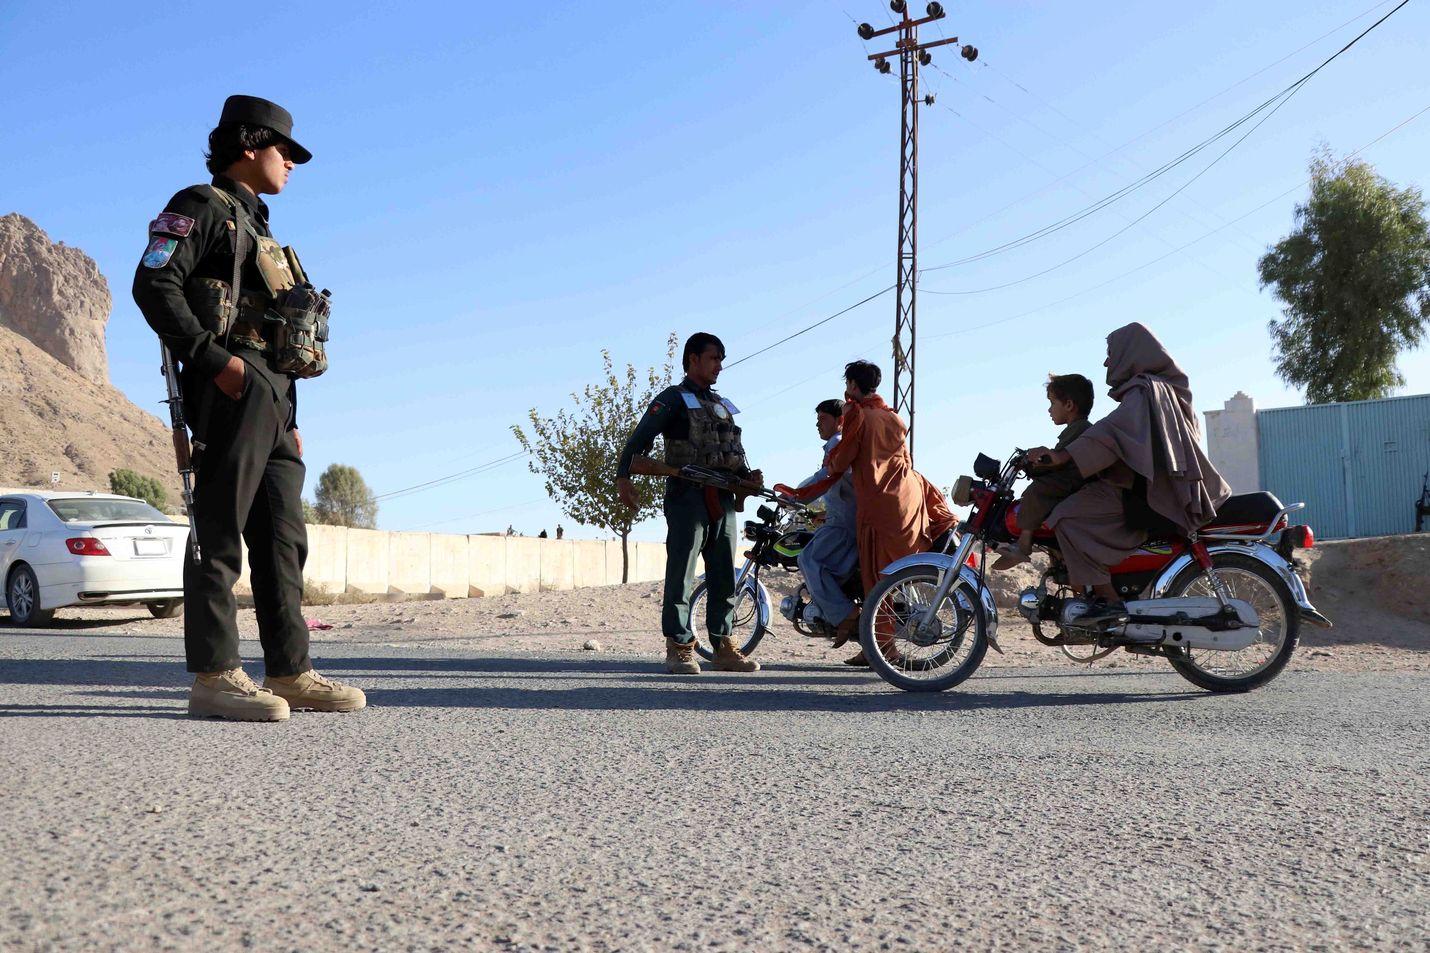 Asukkaat kulkivat tarkastuspisteen läpi Kandaharissa Afganistanissa keskiviikkona.